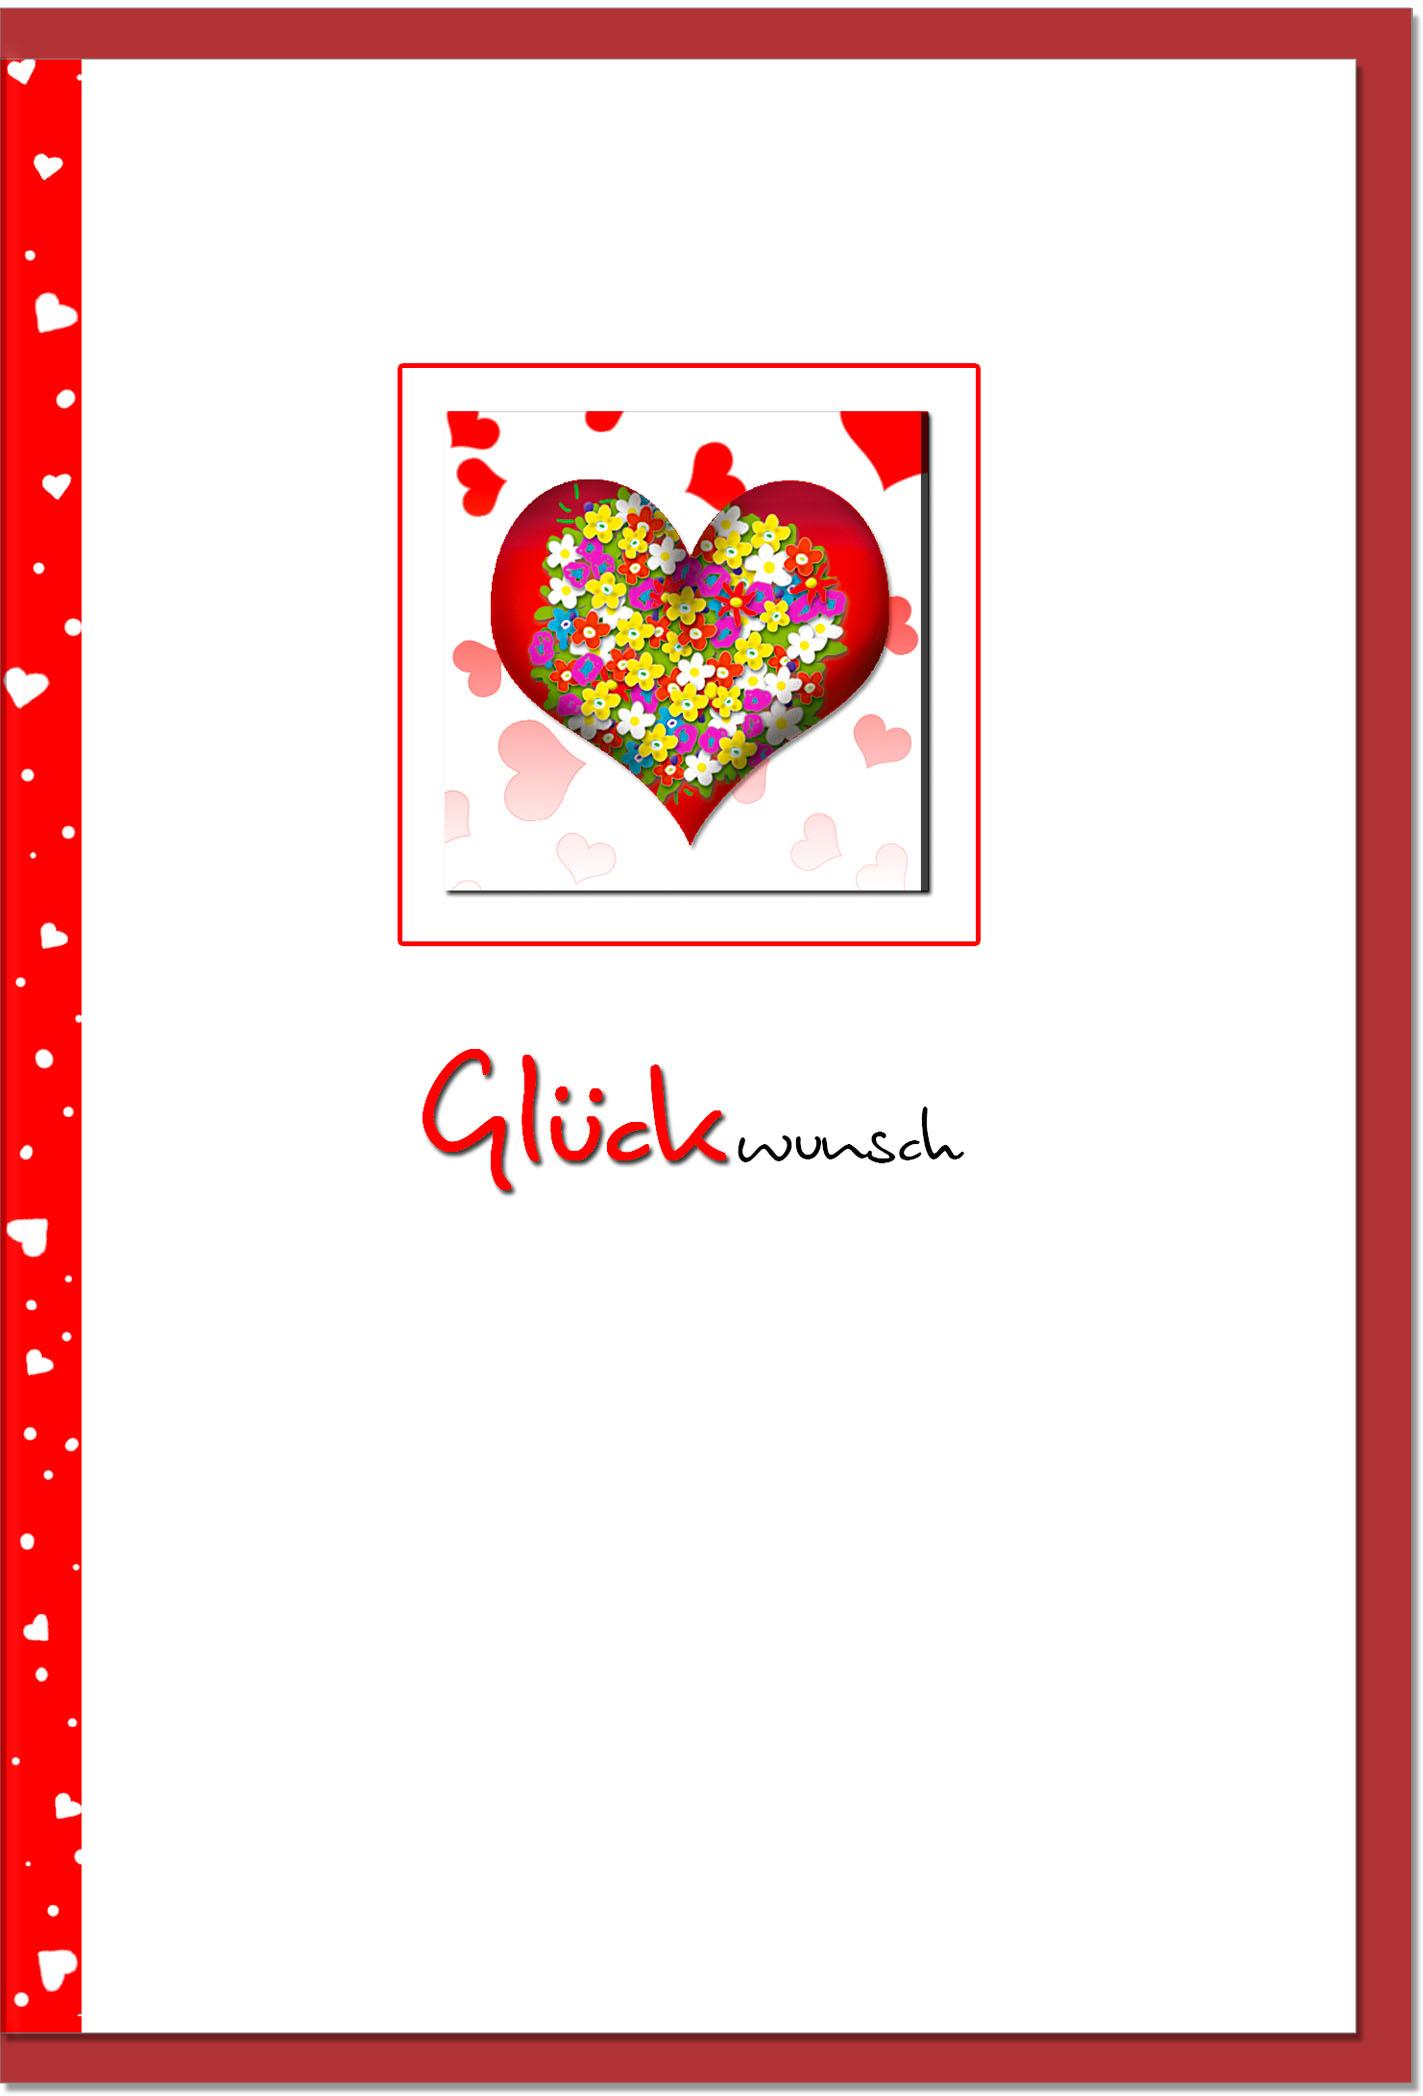 Glückwunschkarten / Grußkarten /Glückwunsch Herz